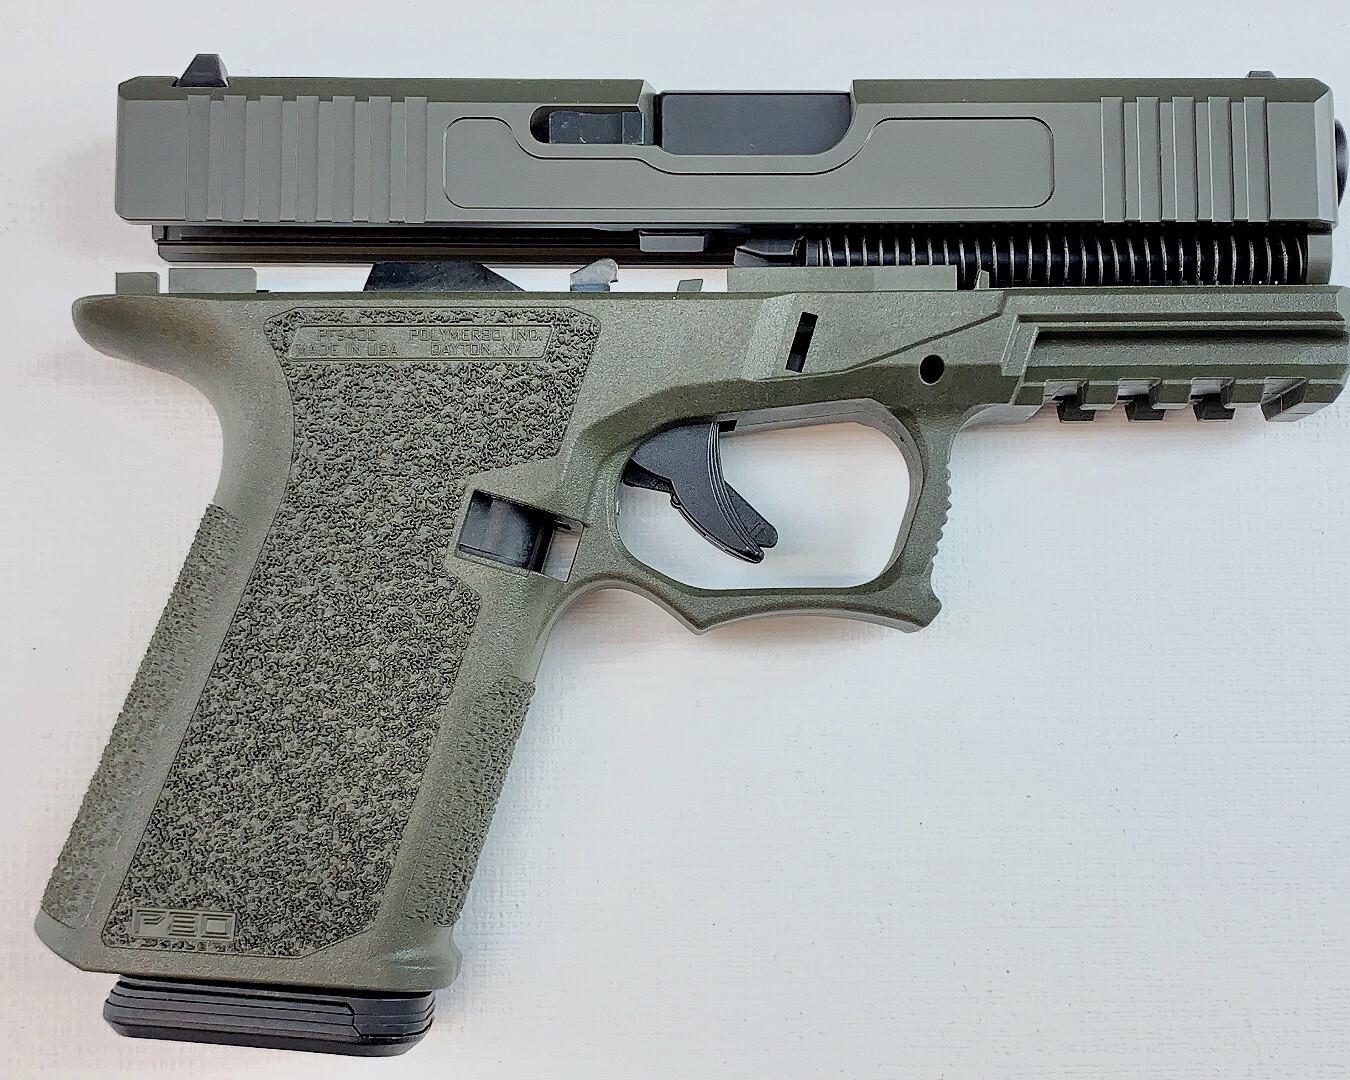 Patriot G19 80% Pistol Build Kit 9mm - Polymer80 PF940C - OD Green - 10rd Mag